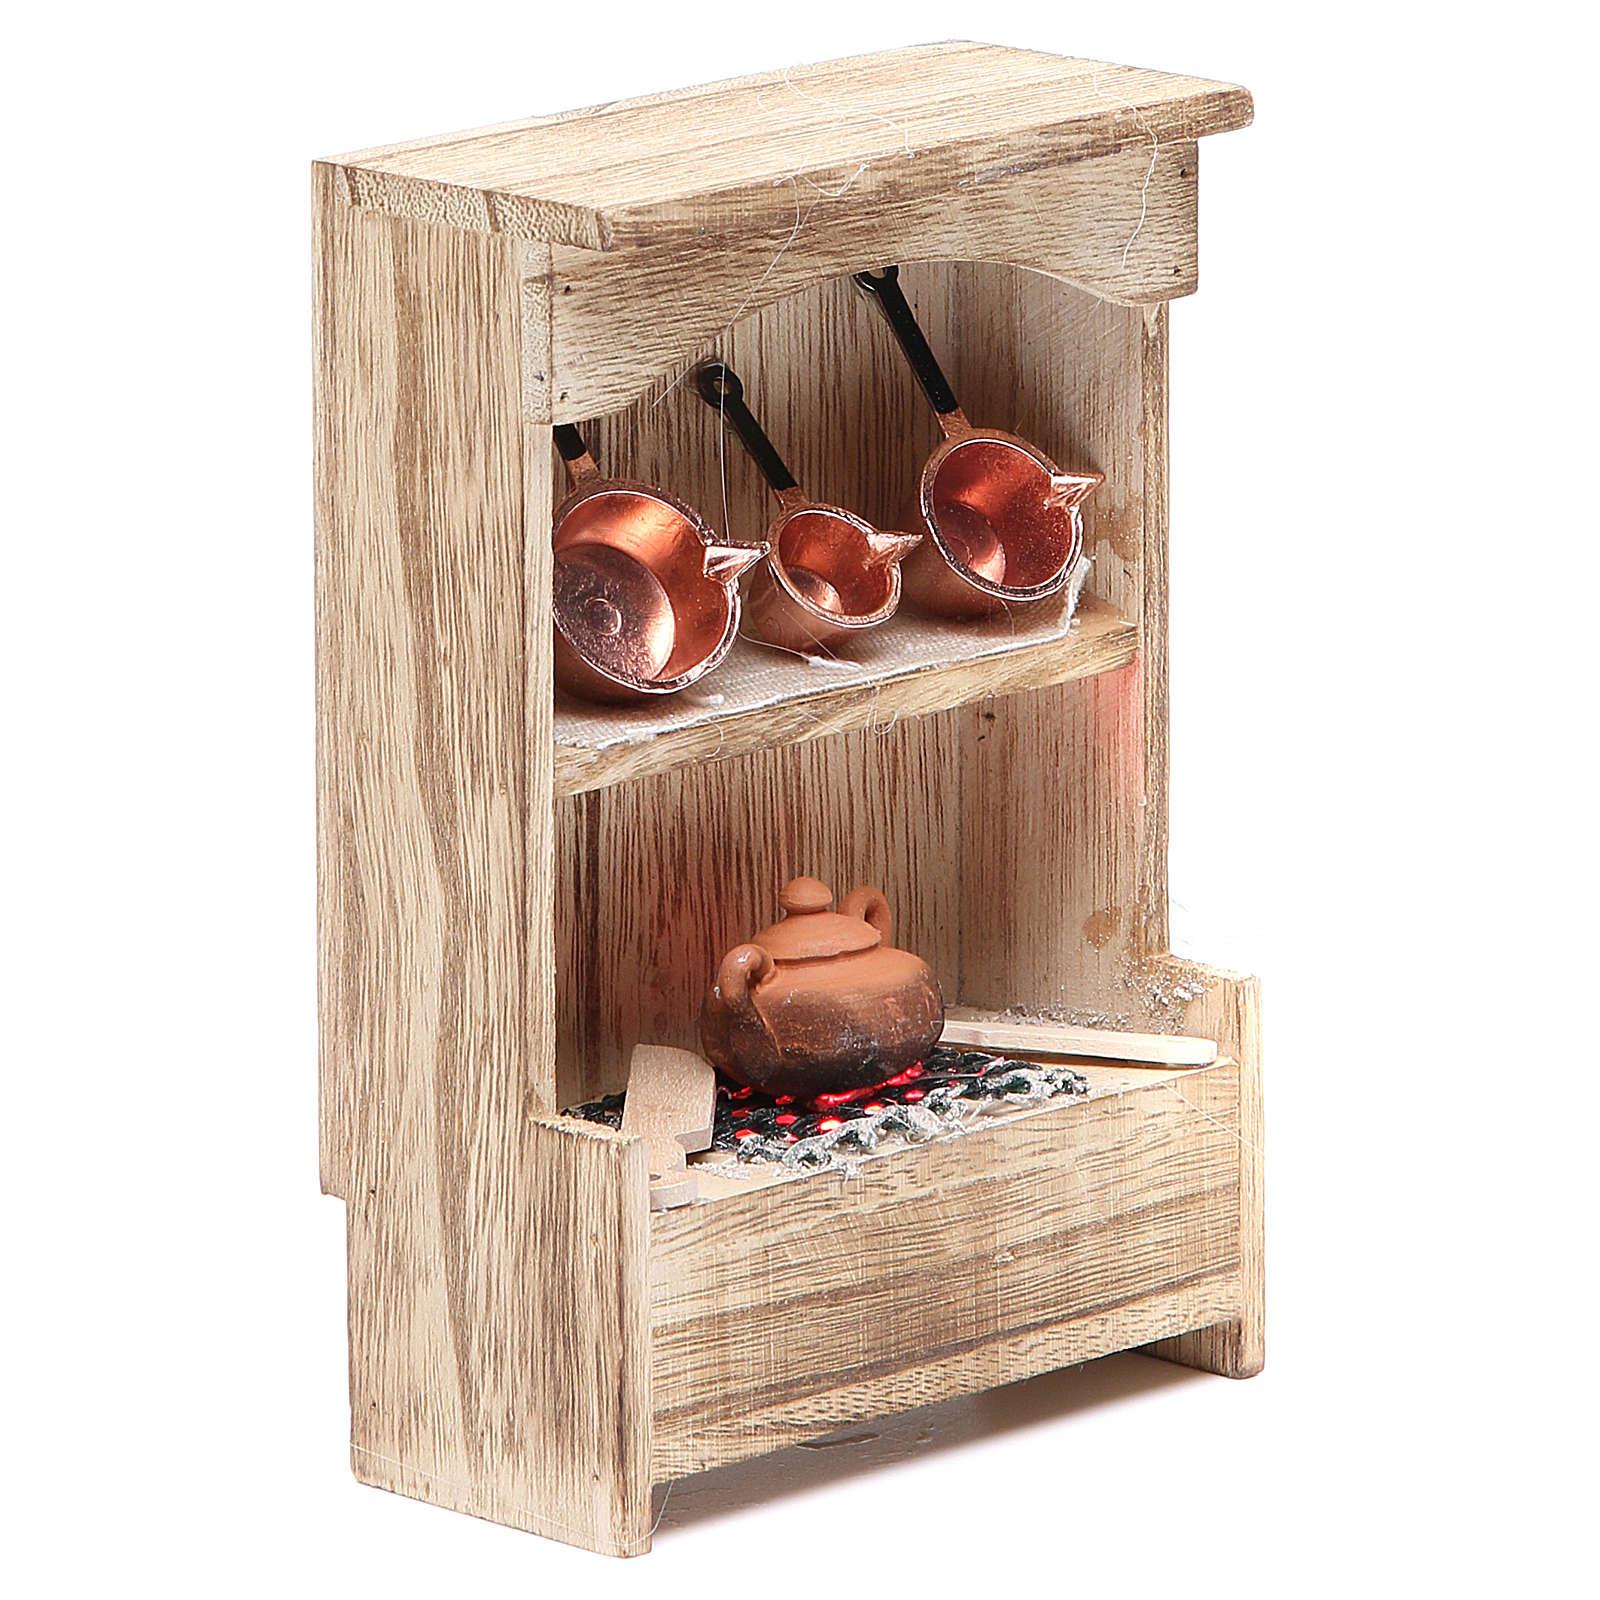 Cuisine en bois avec lumière et miniature 10x3x14 cm 4